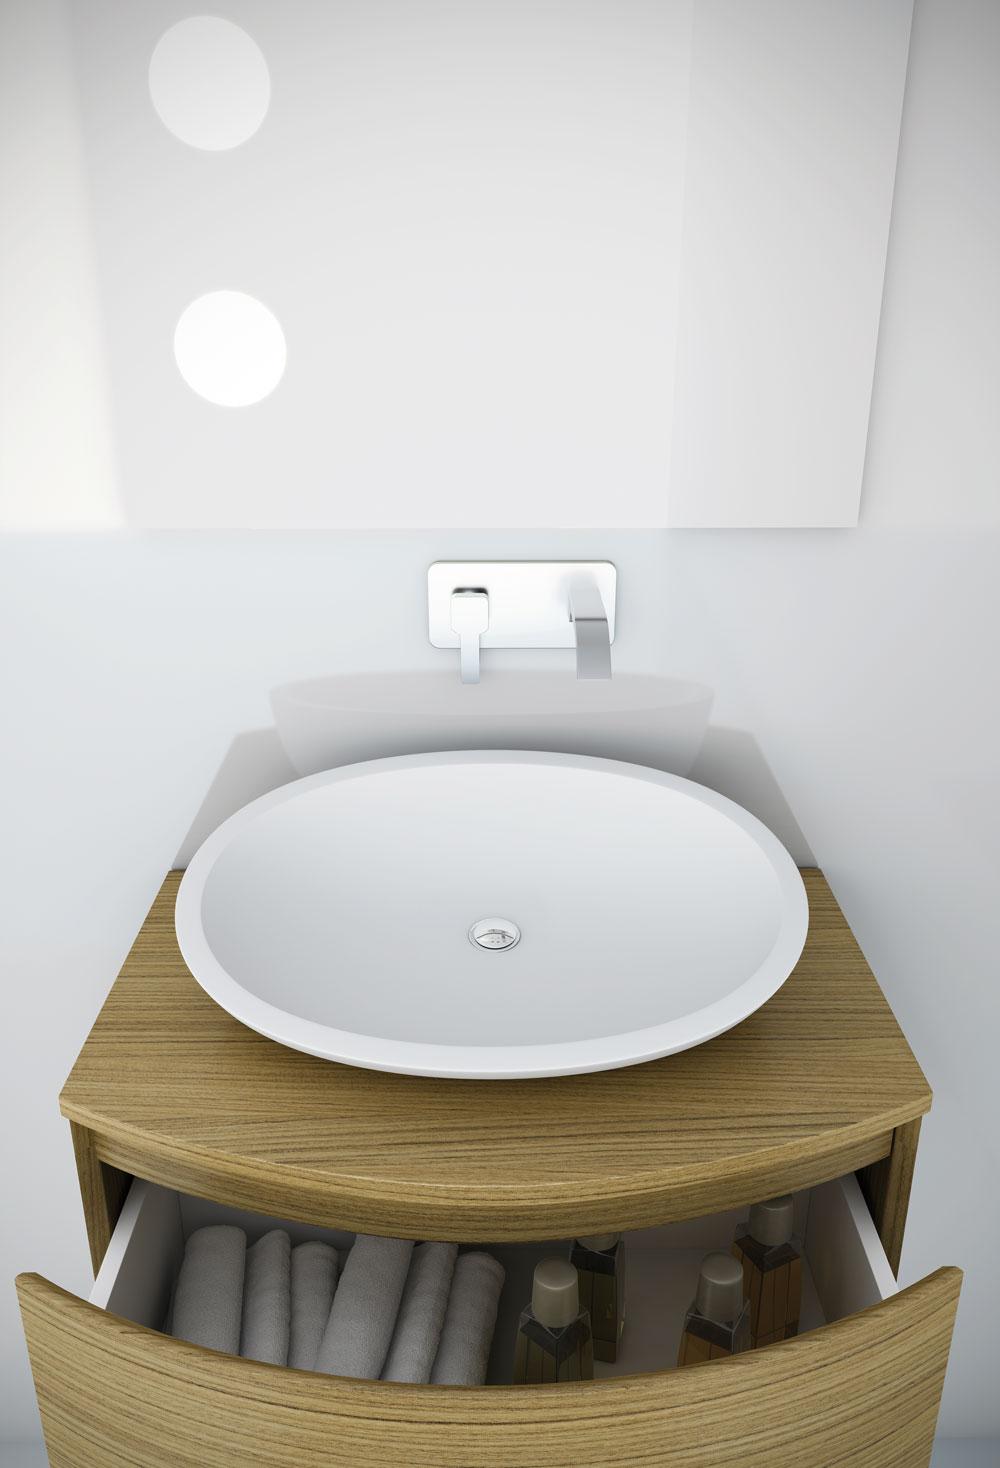 Lavabos sobreencimera - Grifos para lavabos sobre encimera ...